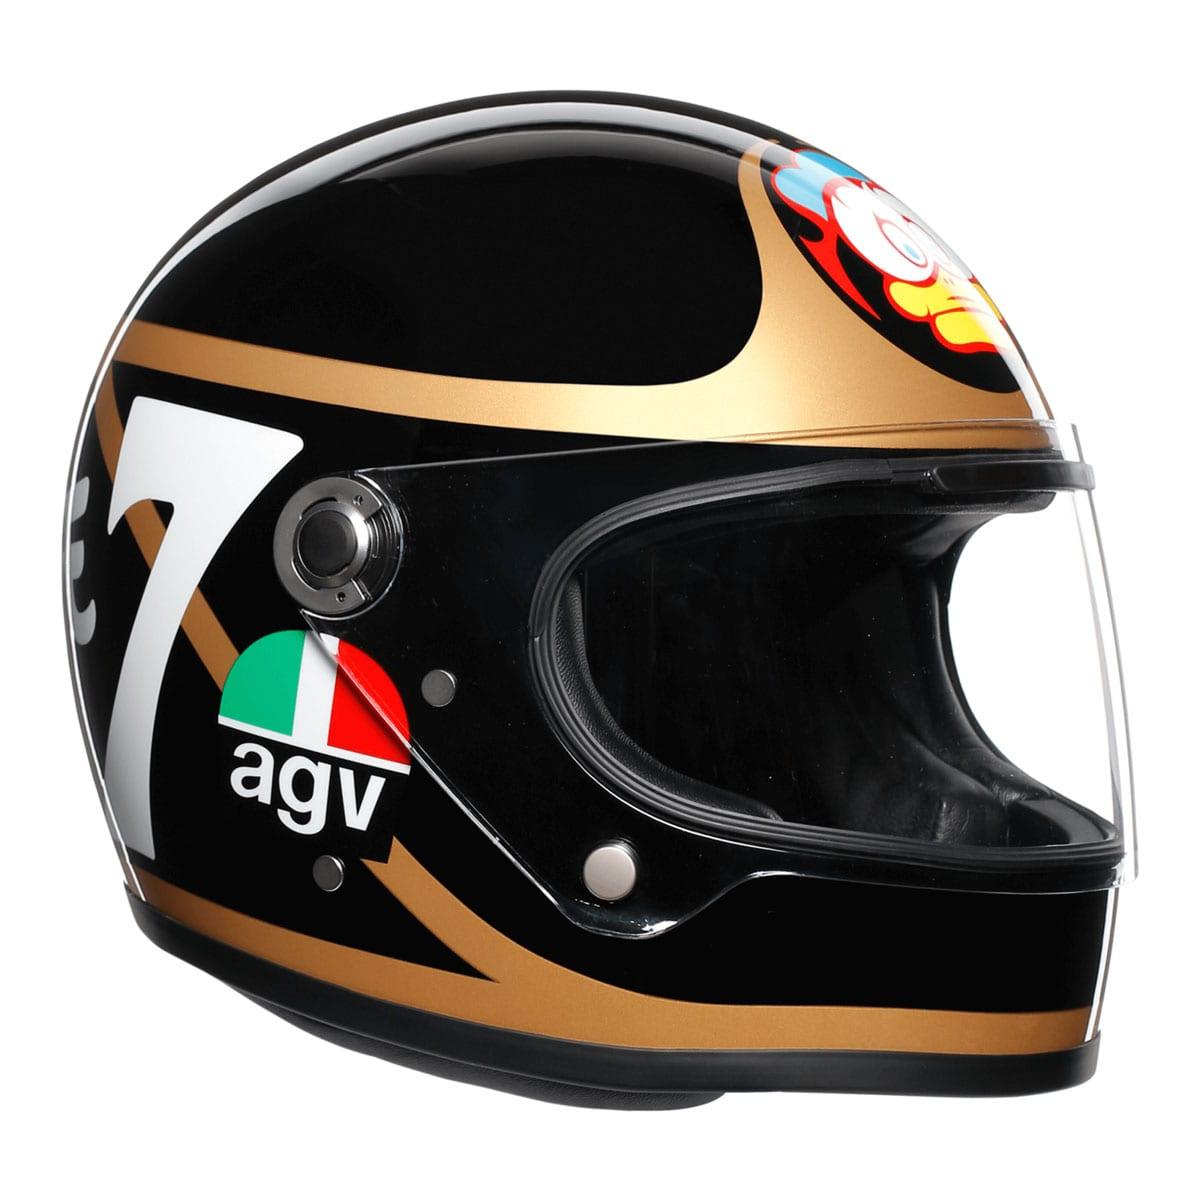 Barry Sheene AGV helmet